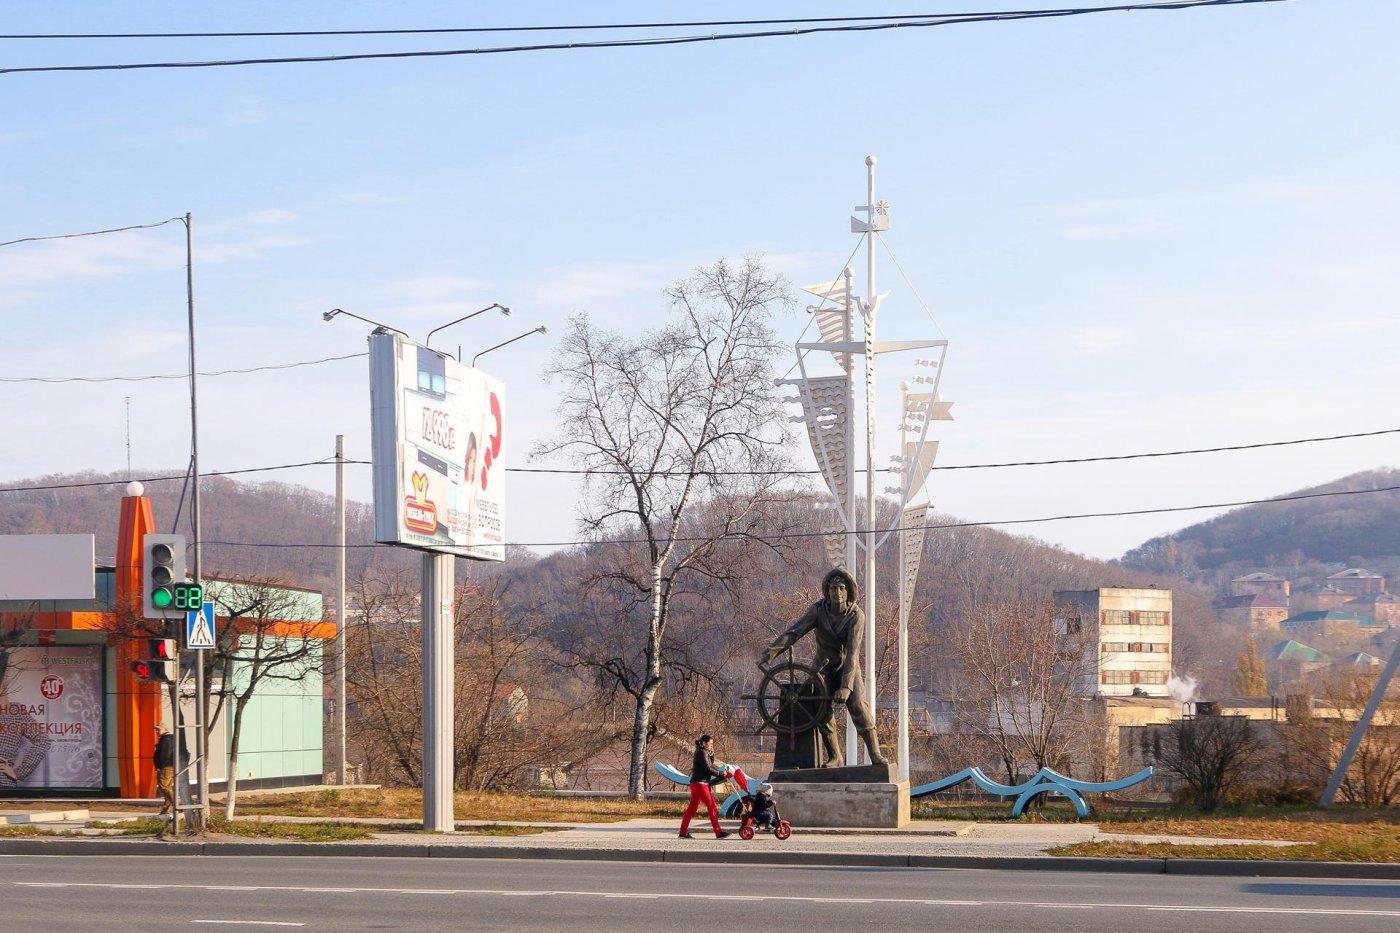 Фото 9811 (Copy).jpg. Россия, Приморский край, город Находка, Unnamed Road